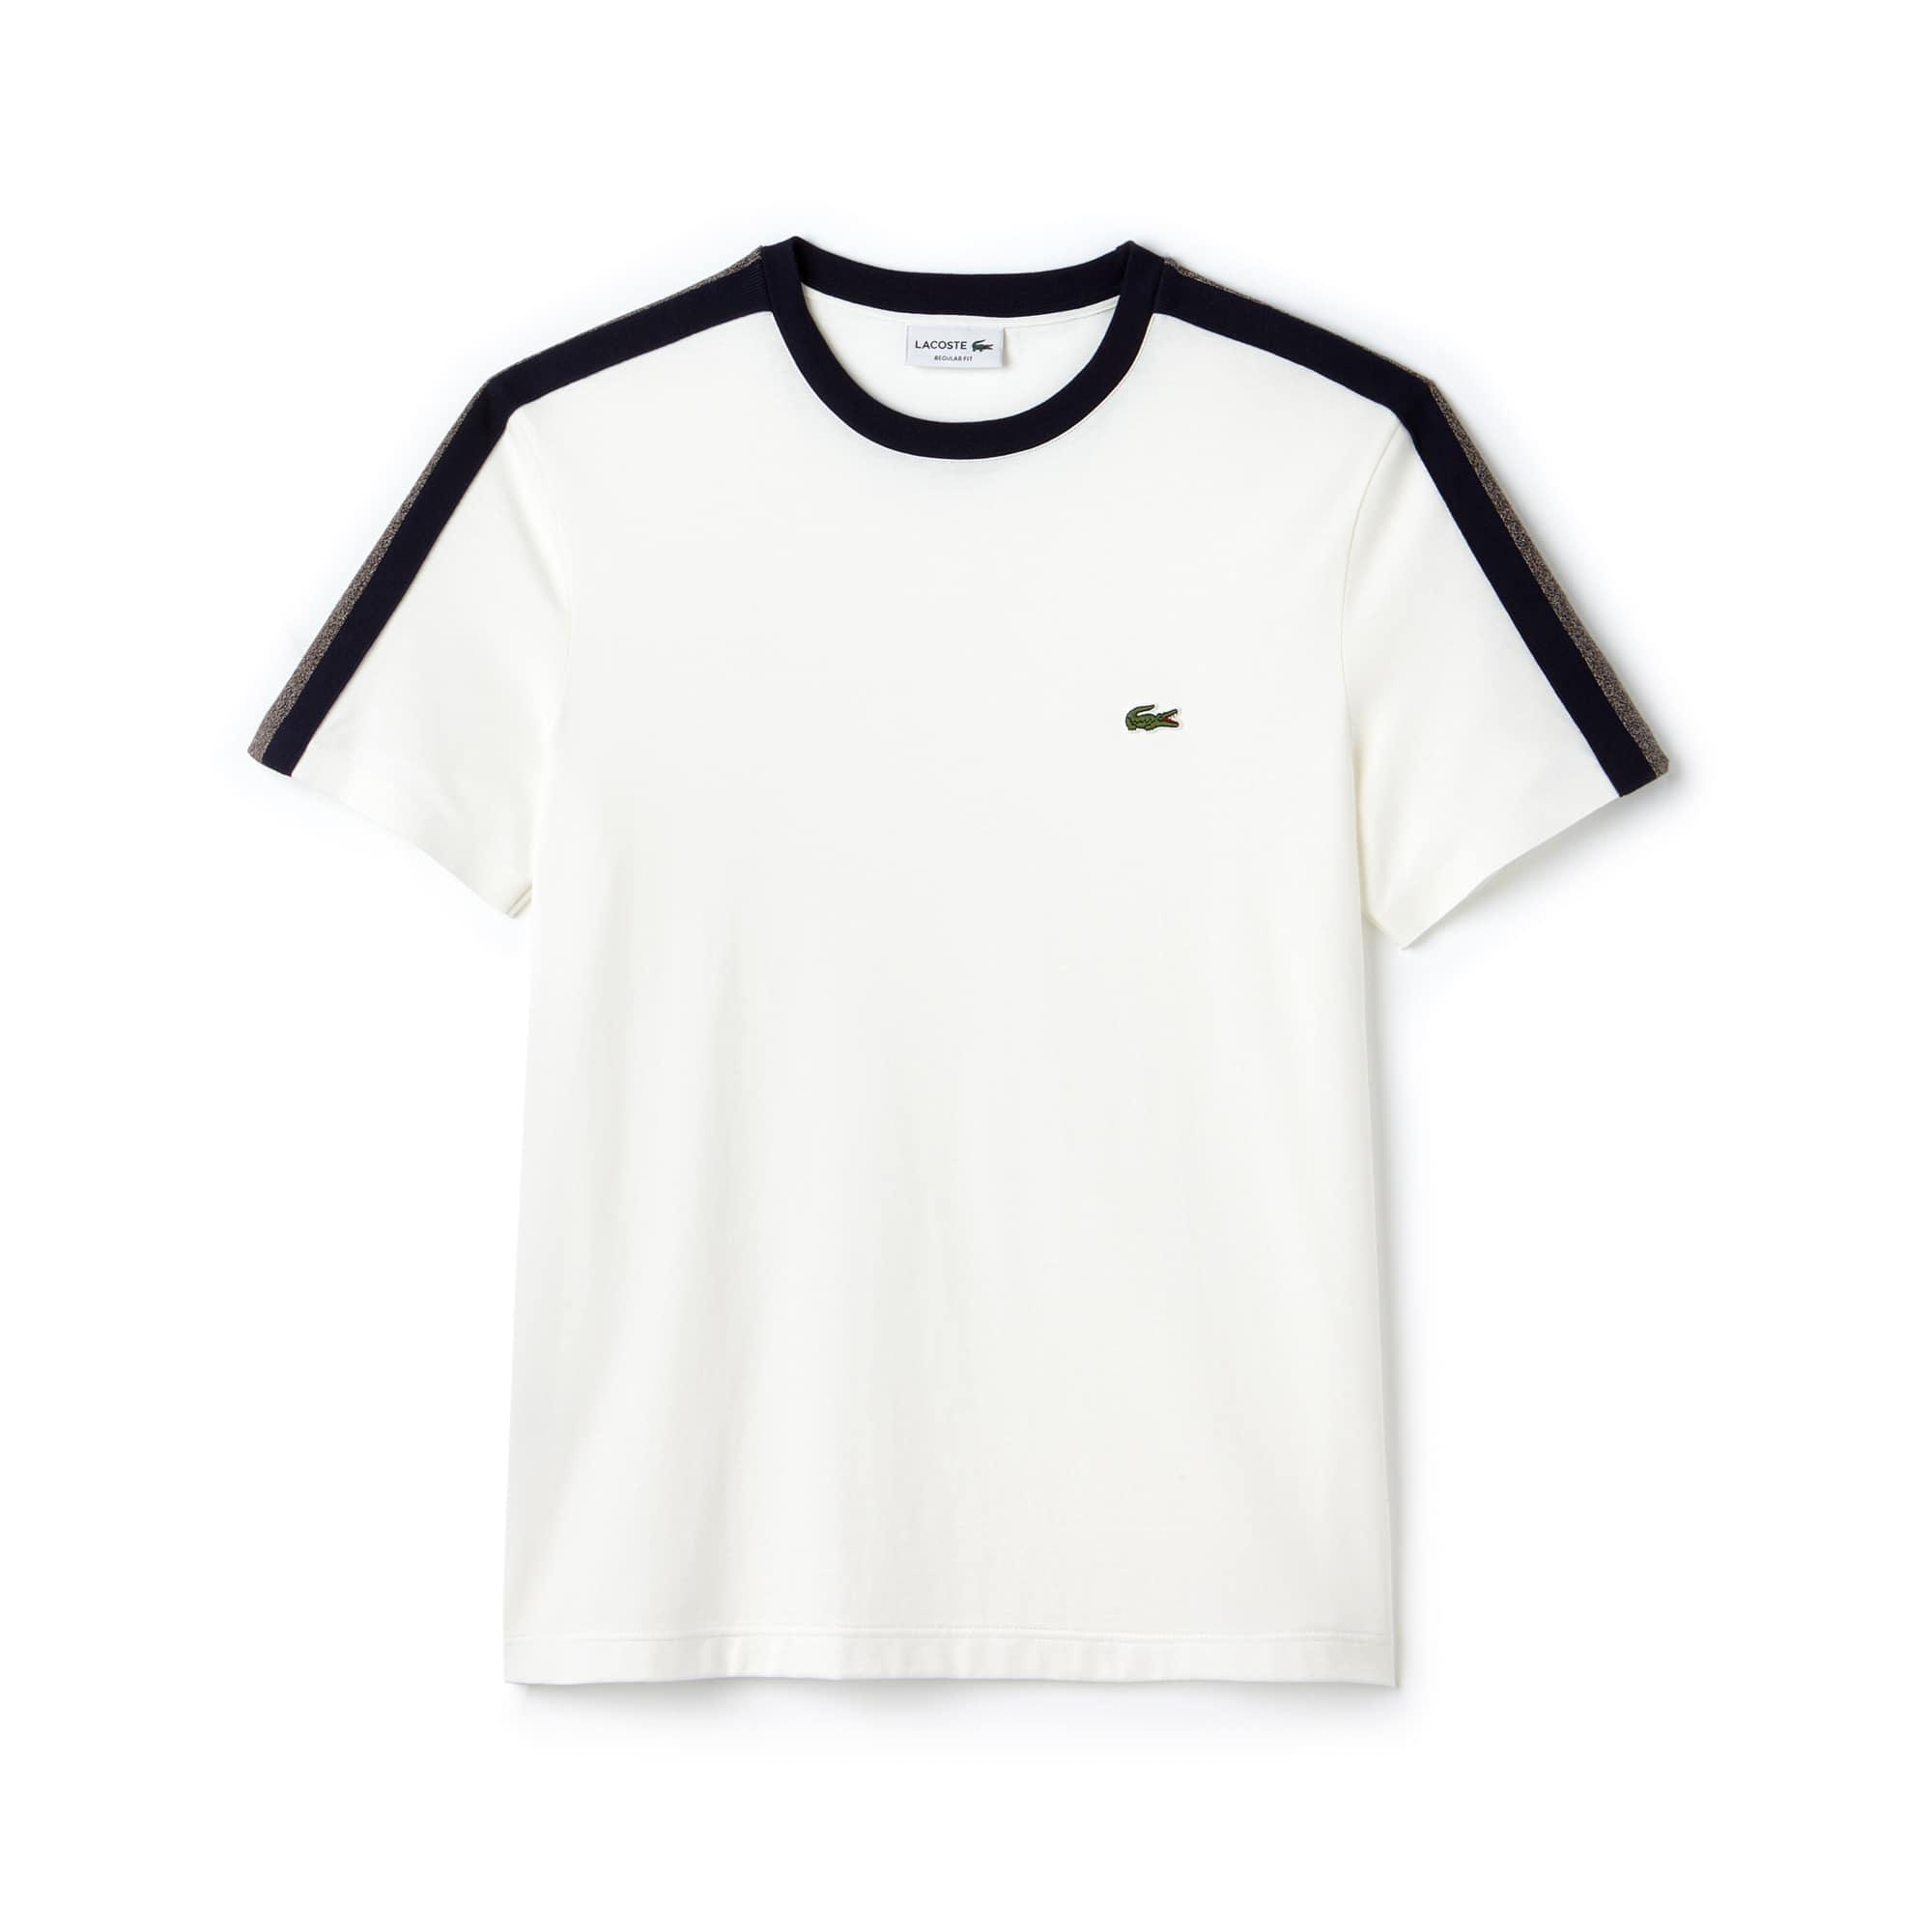 T-shirt com decote redondo em jersey com faixas a contrastar